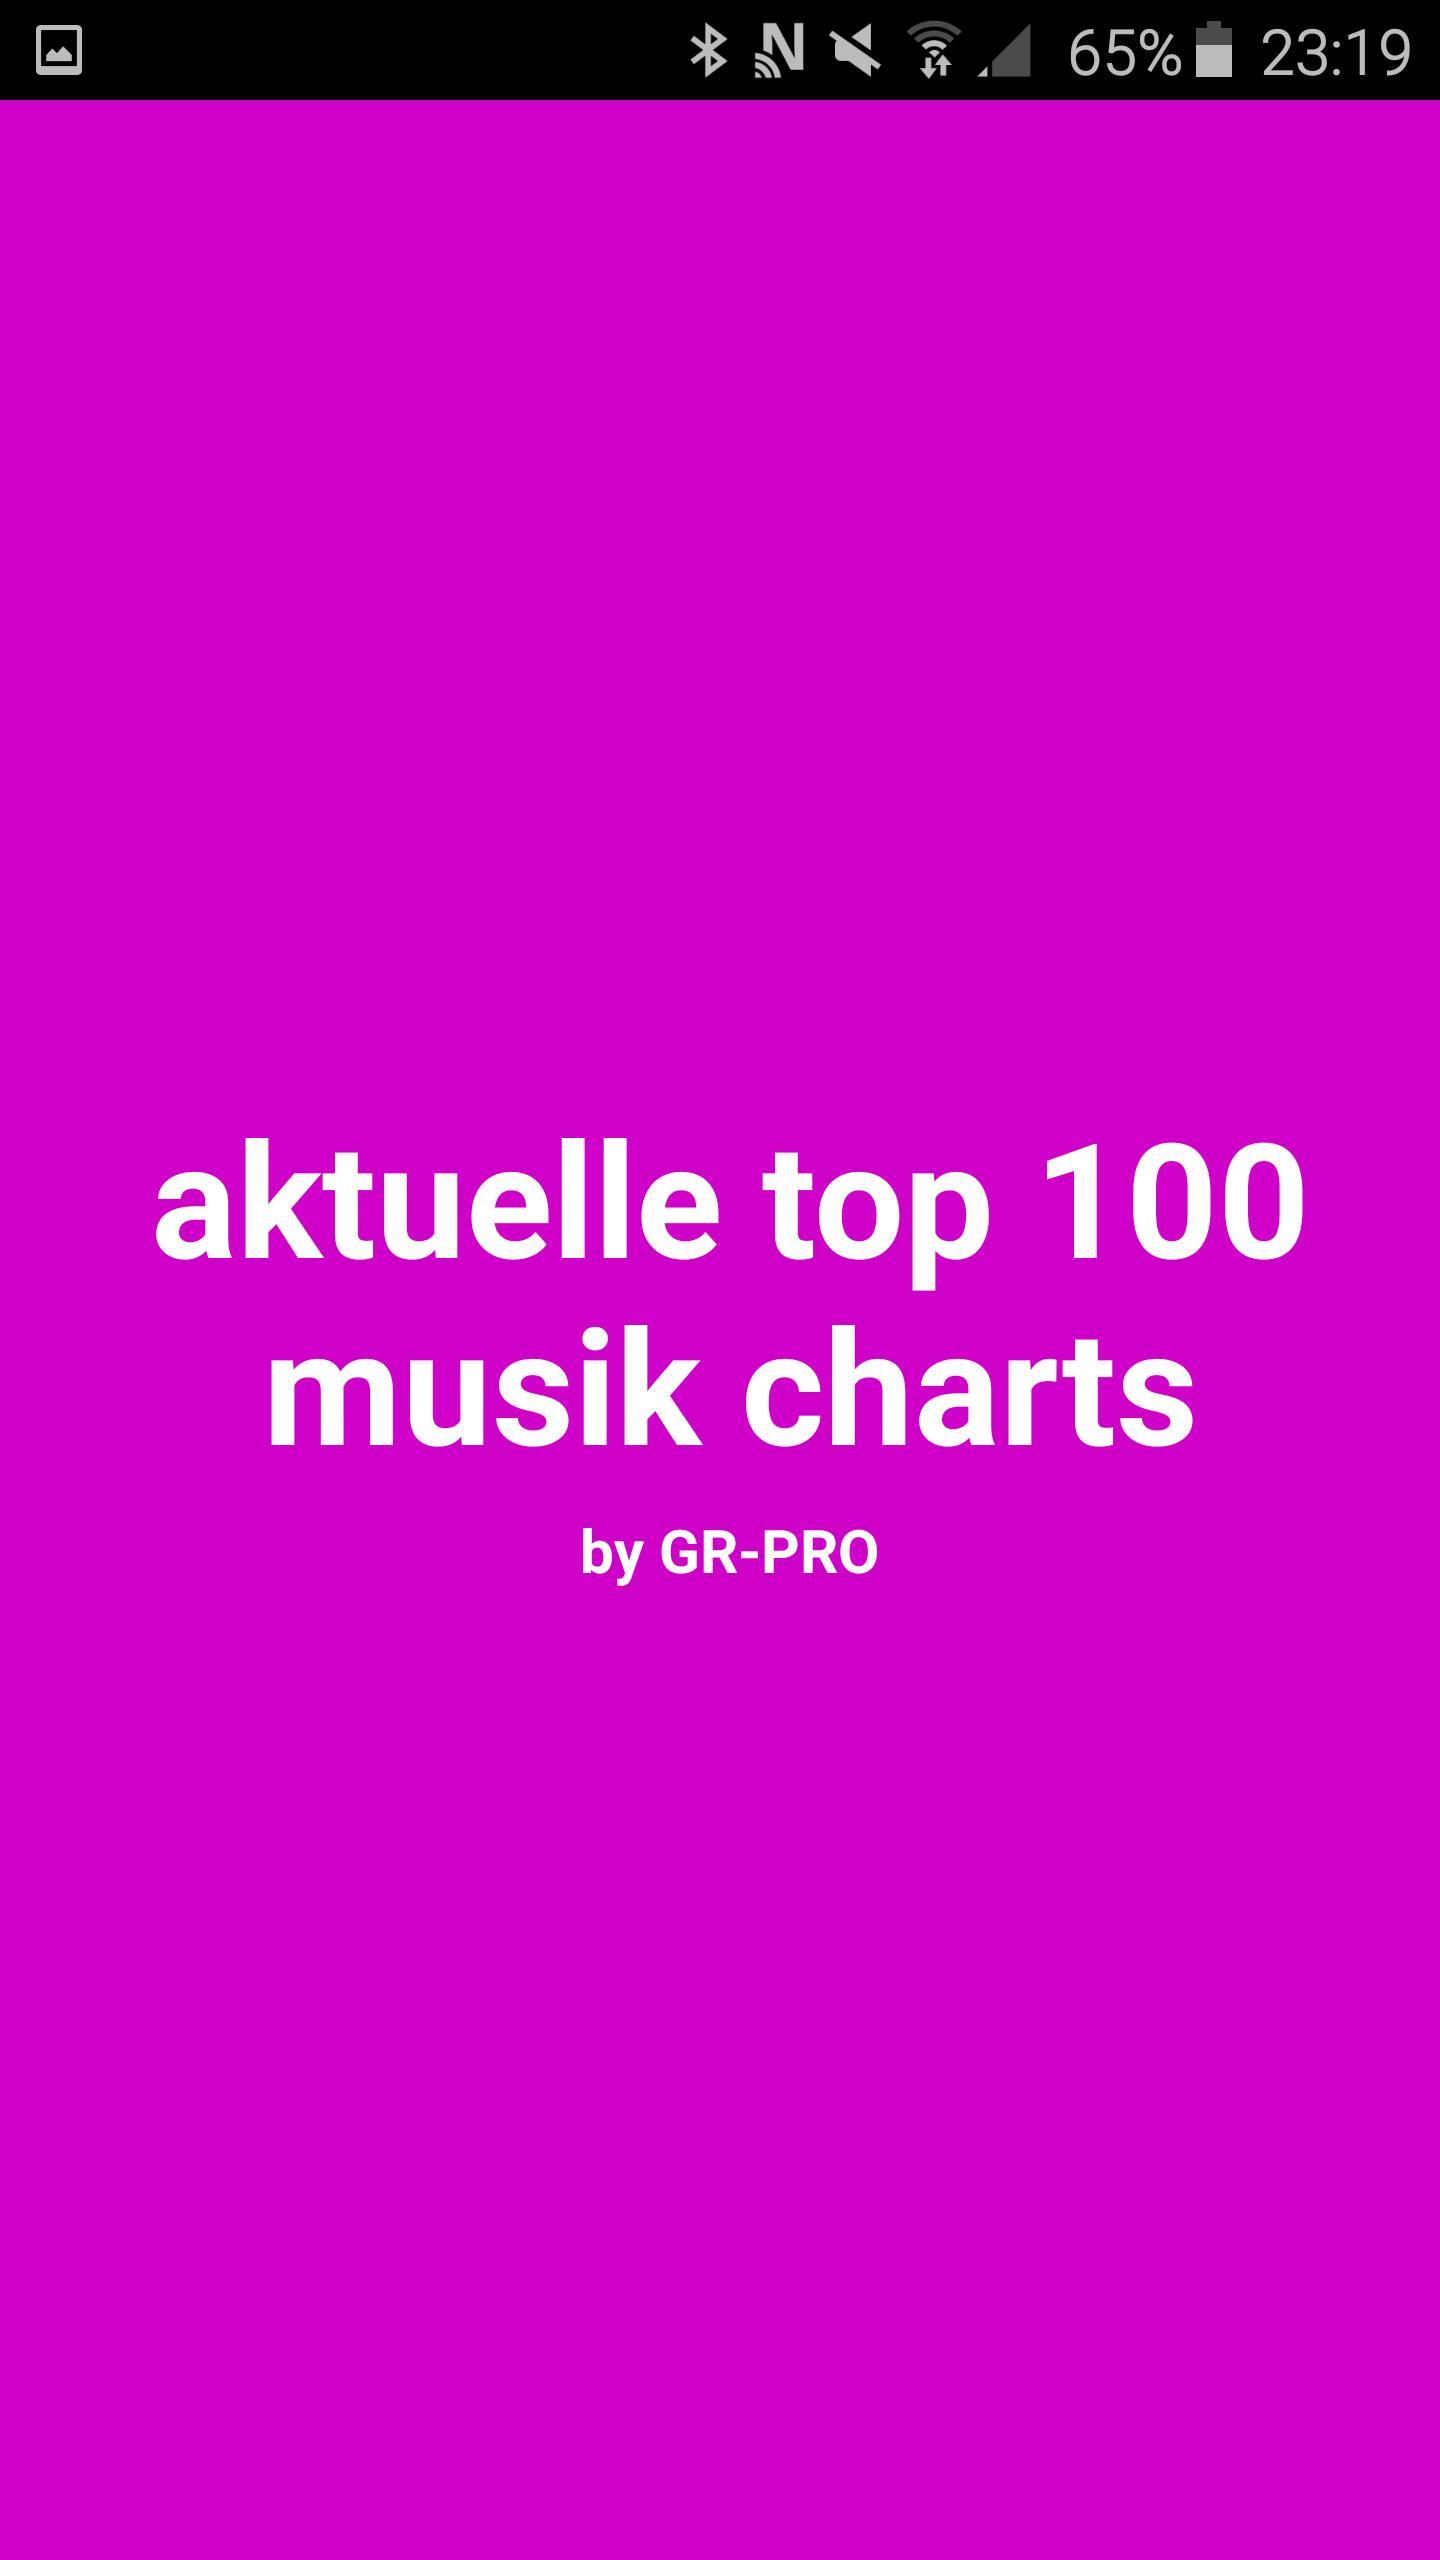 Aktuelle Musikcharts